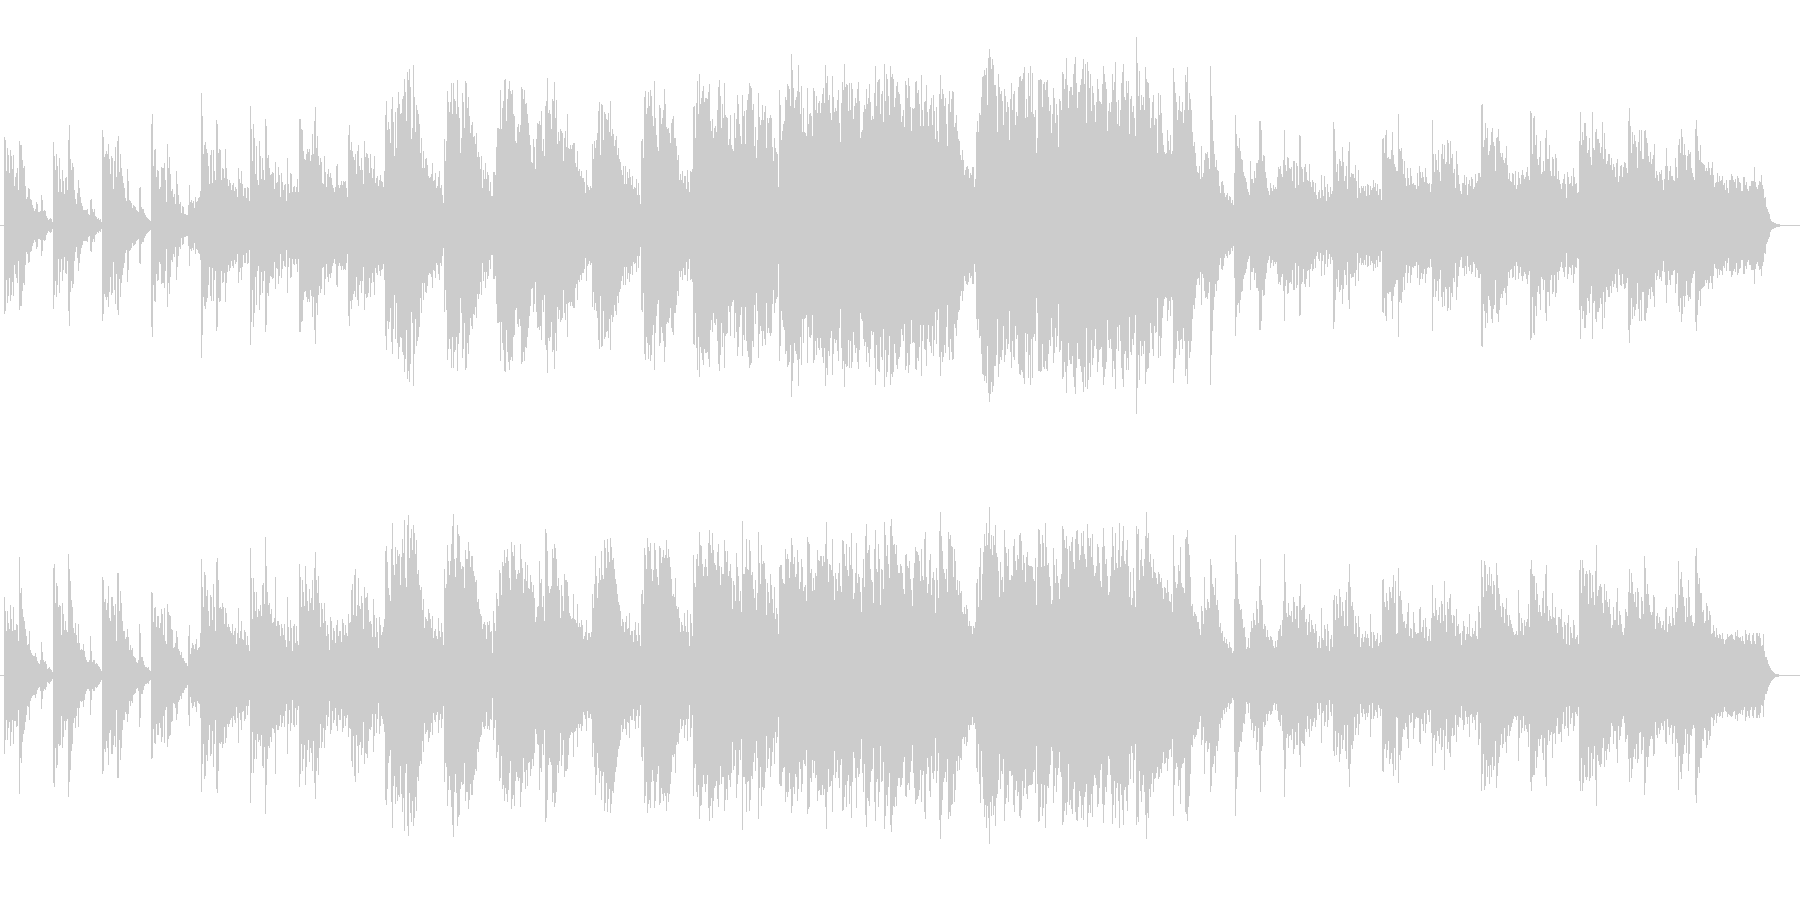 切ないバラードのようなBGMの未再生の波形